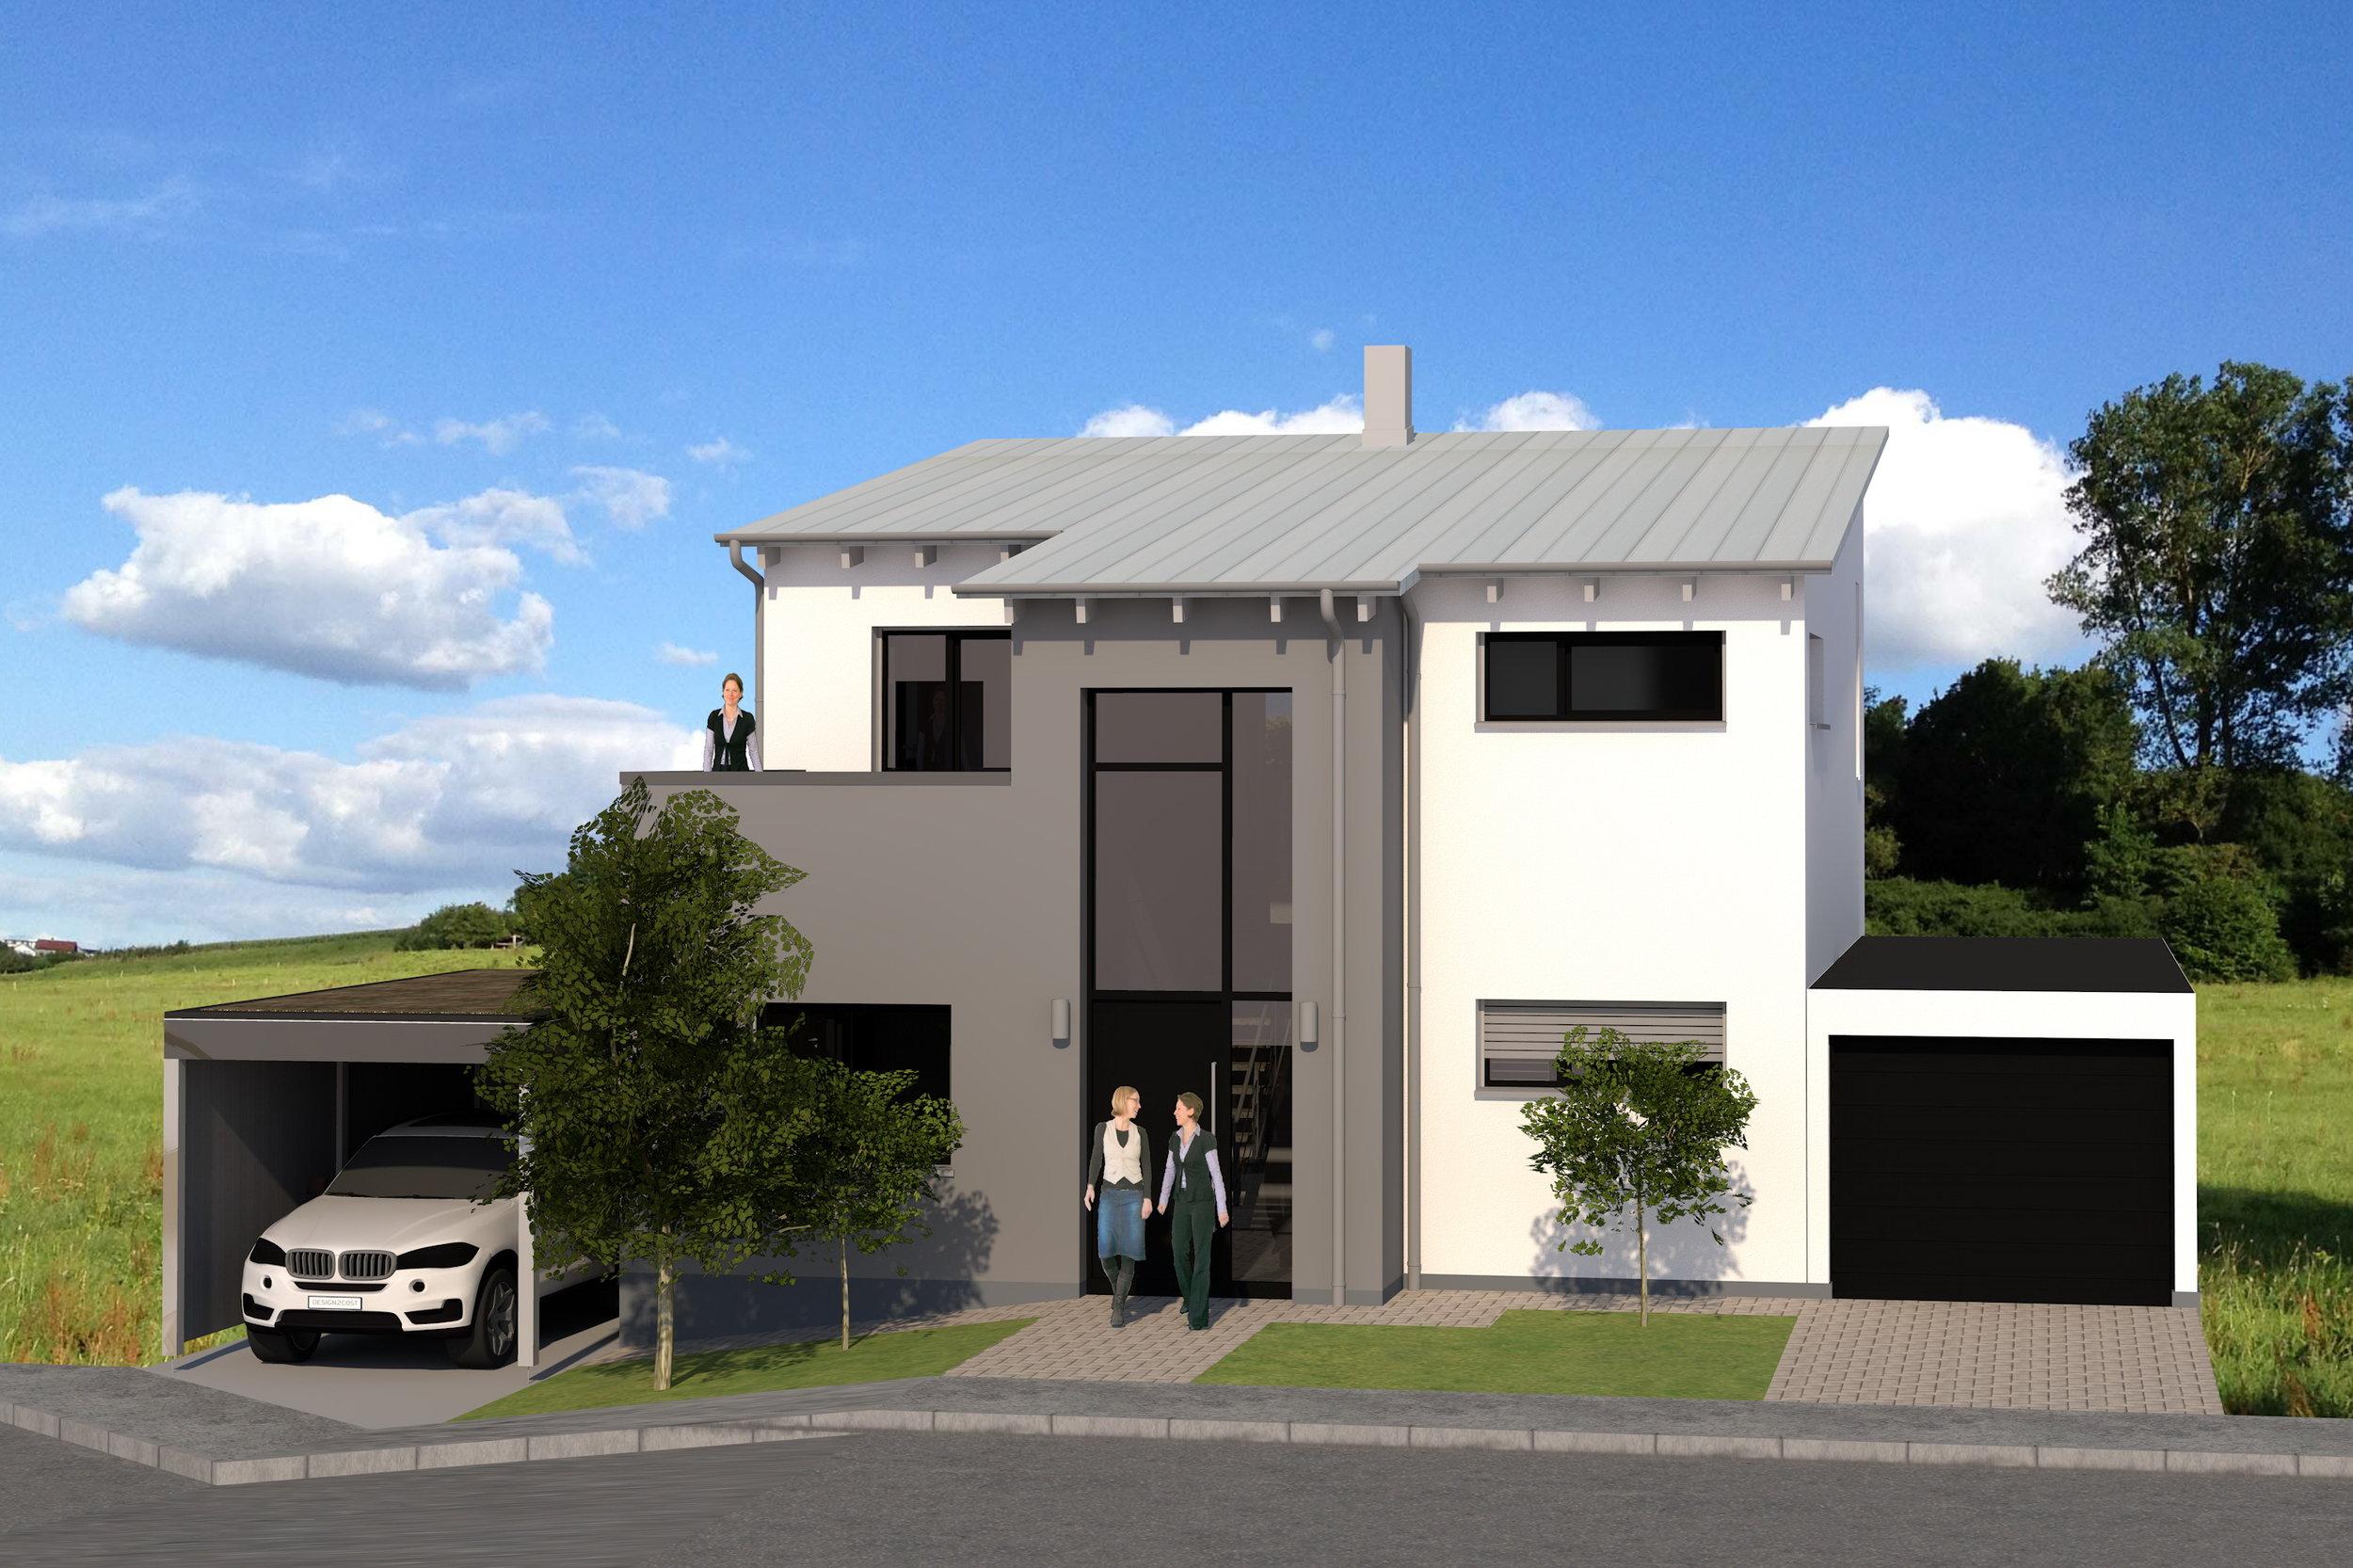 einfamilienhaus-winterberg-schwelm-visualisierung.jpg